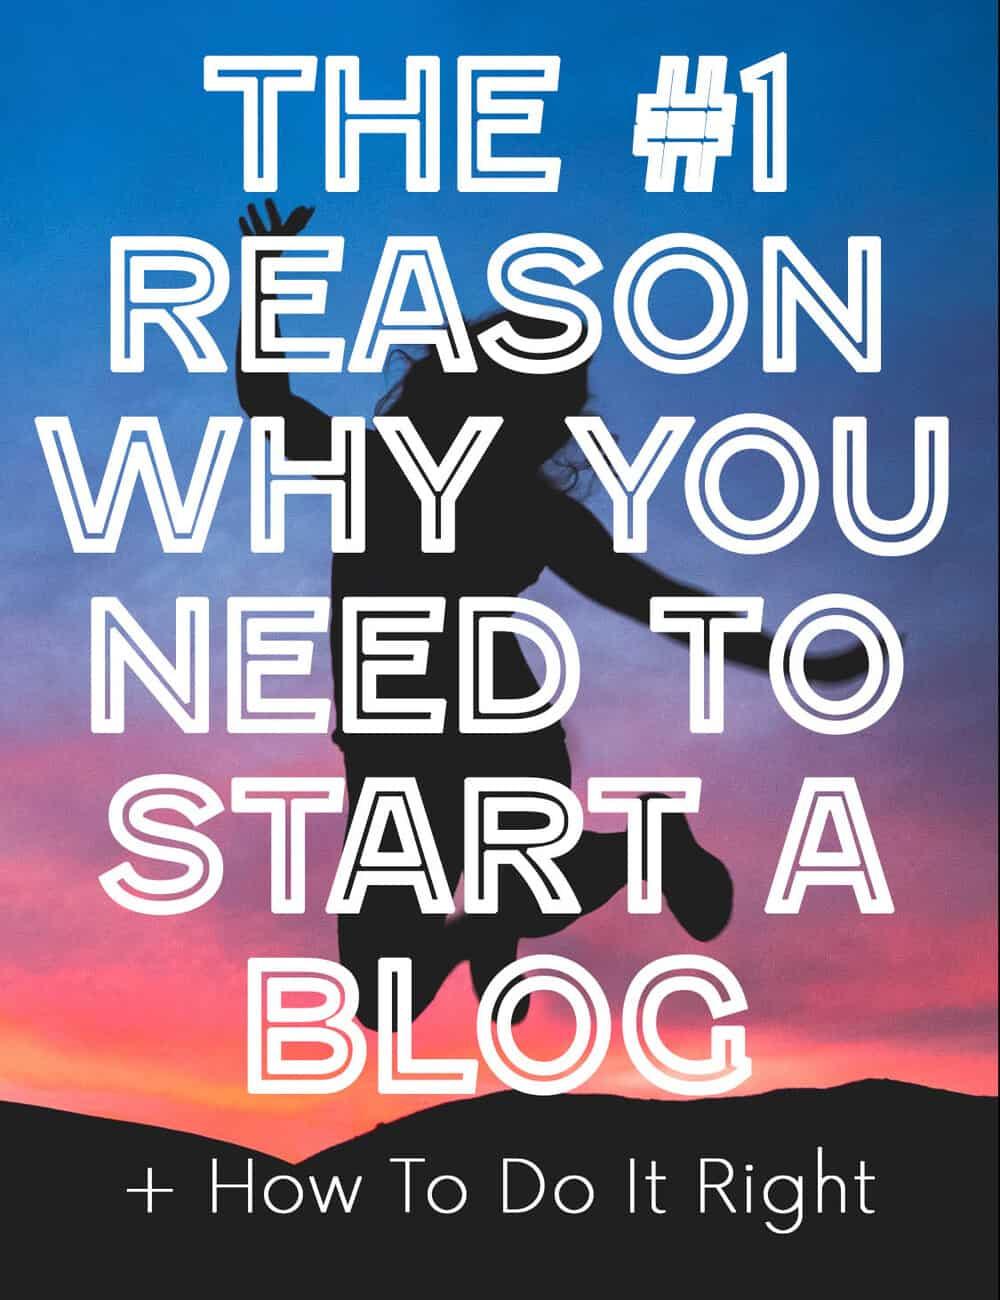 start a blog feature